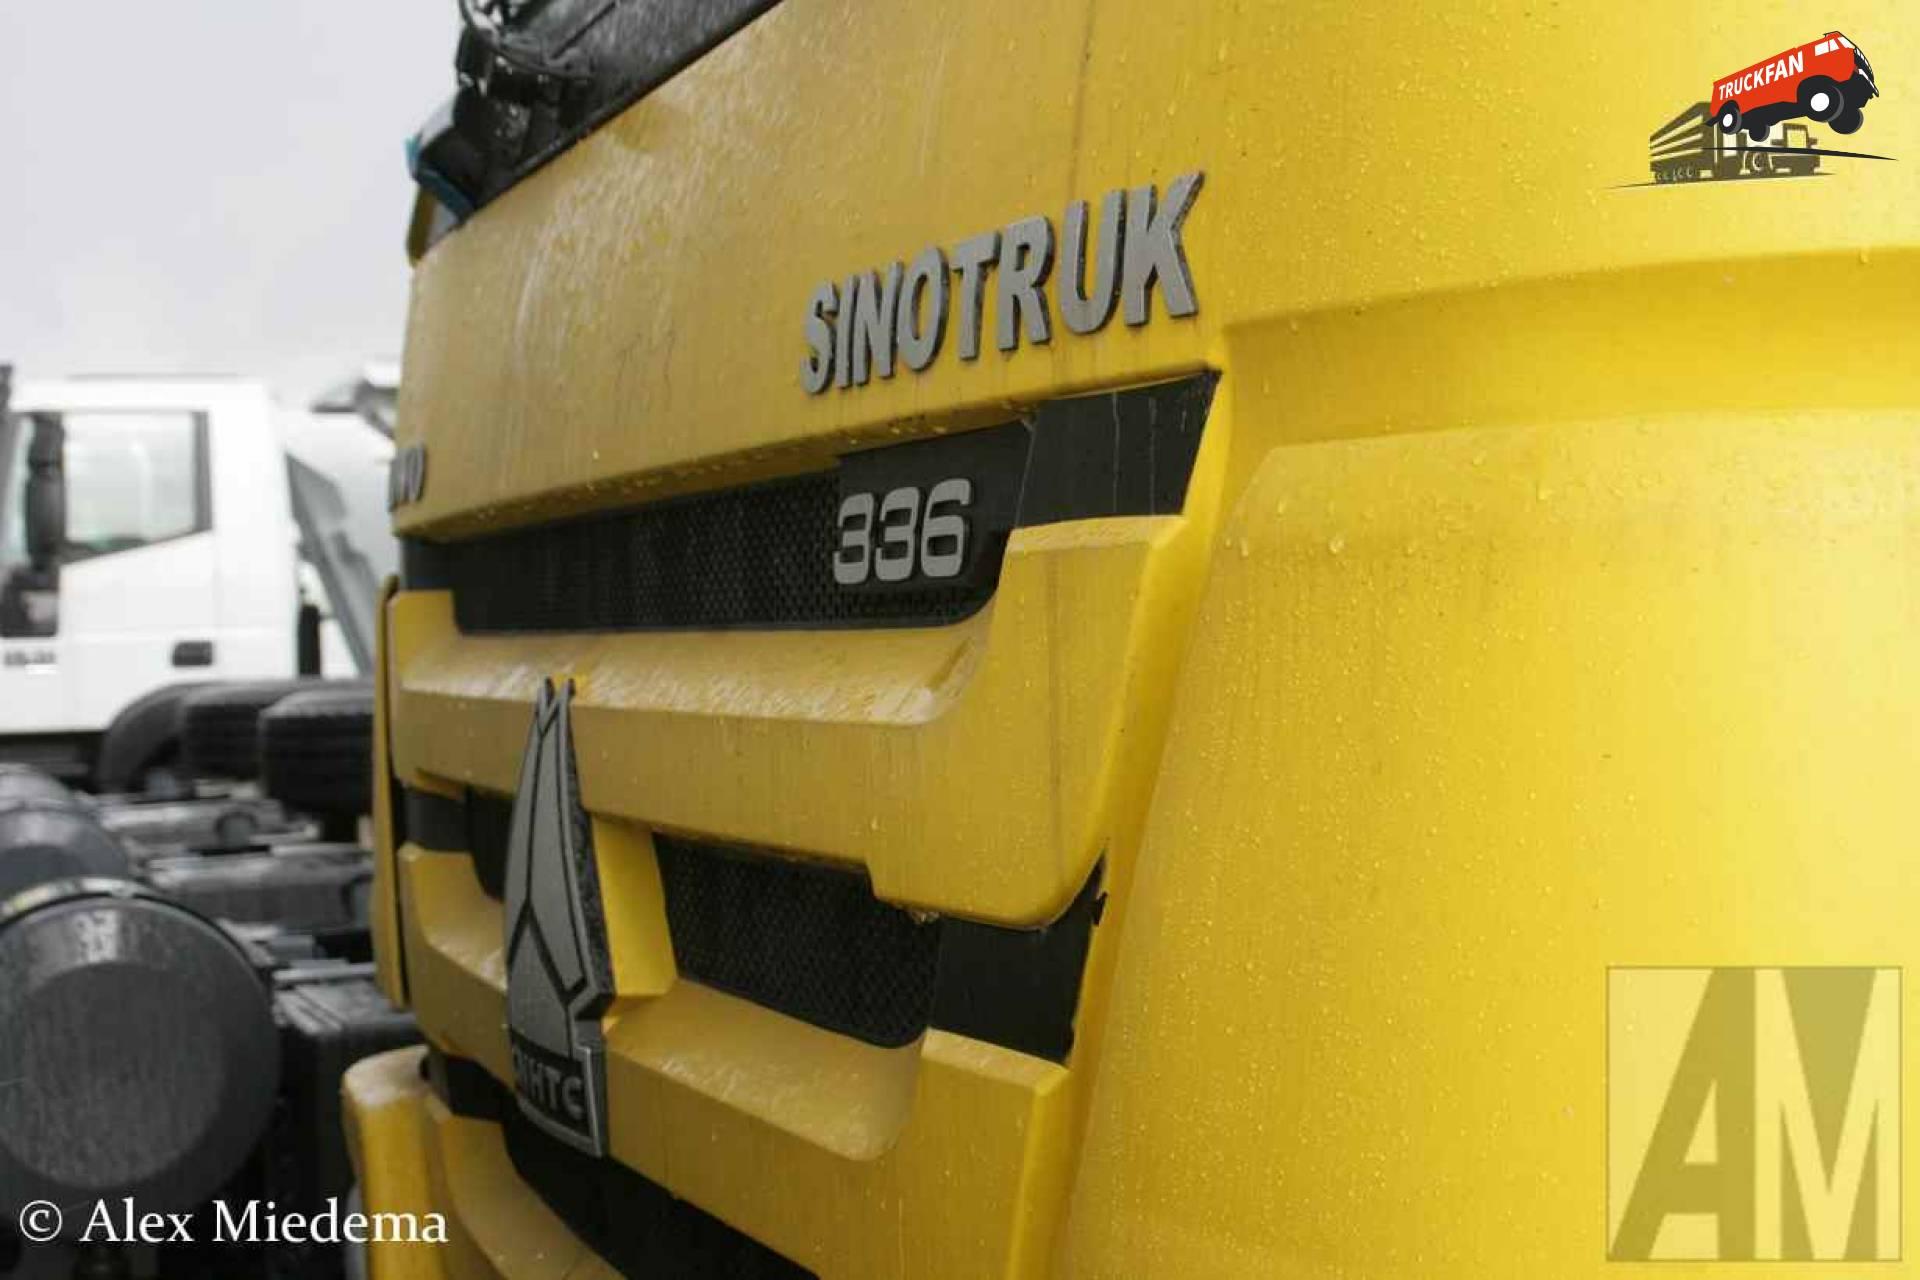 CNHTC Sinotruk Howo 336